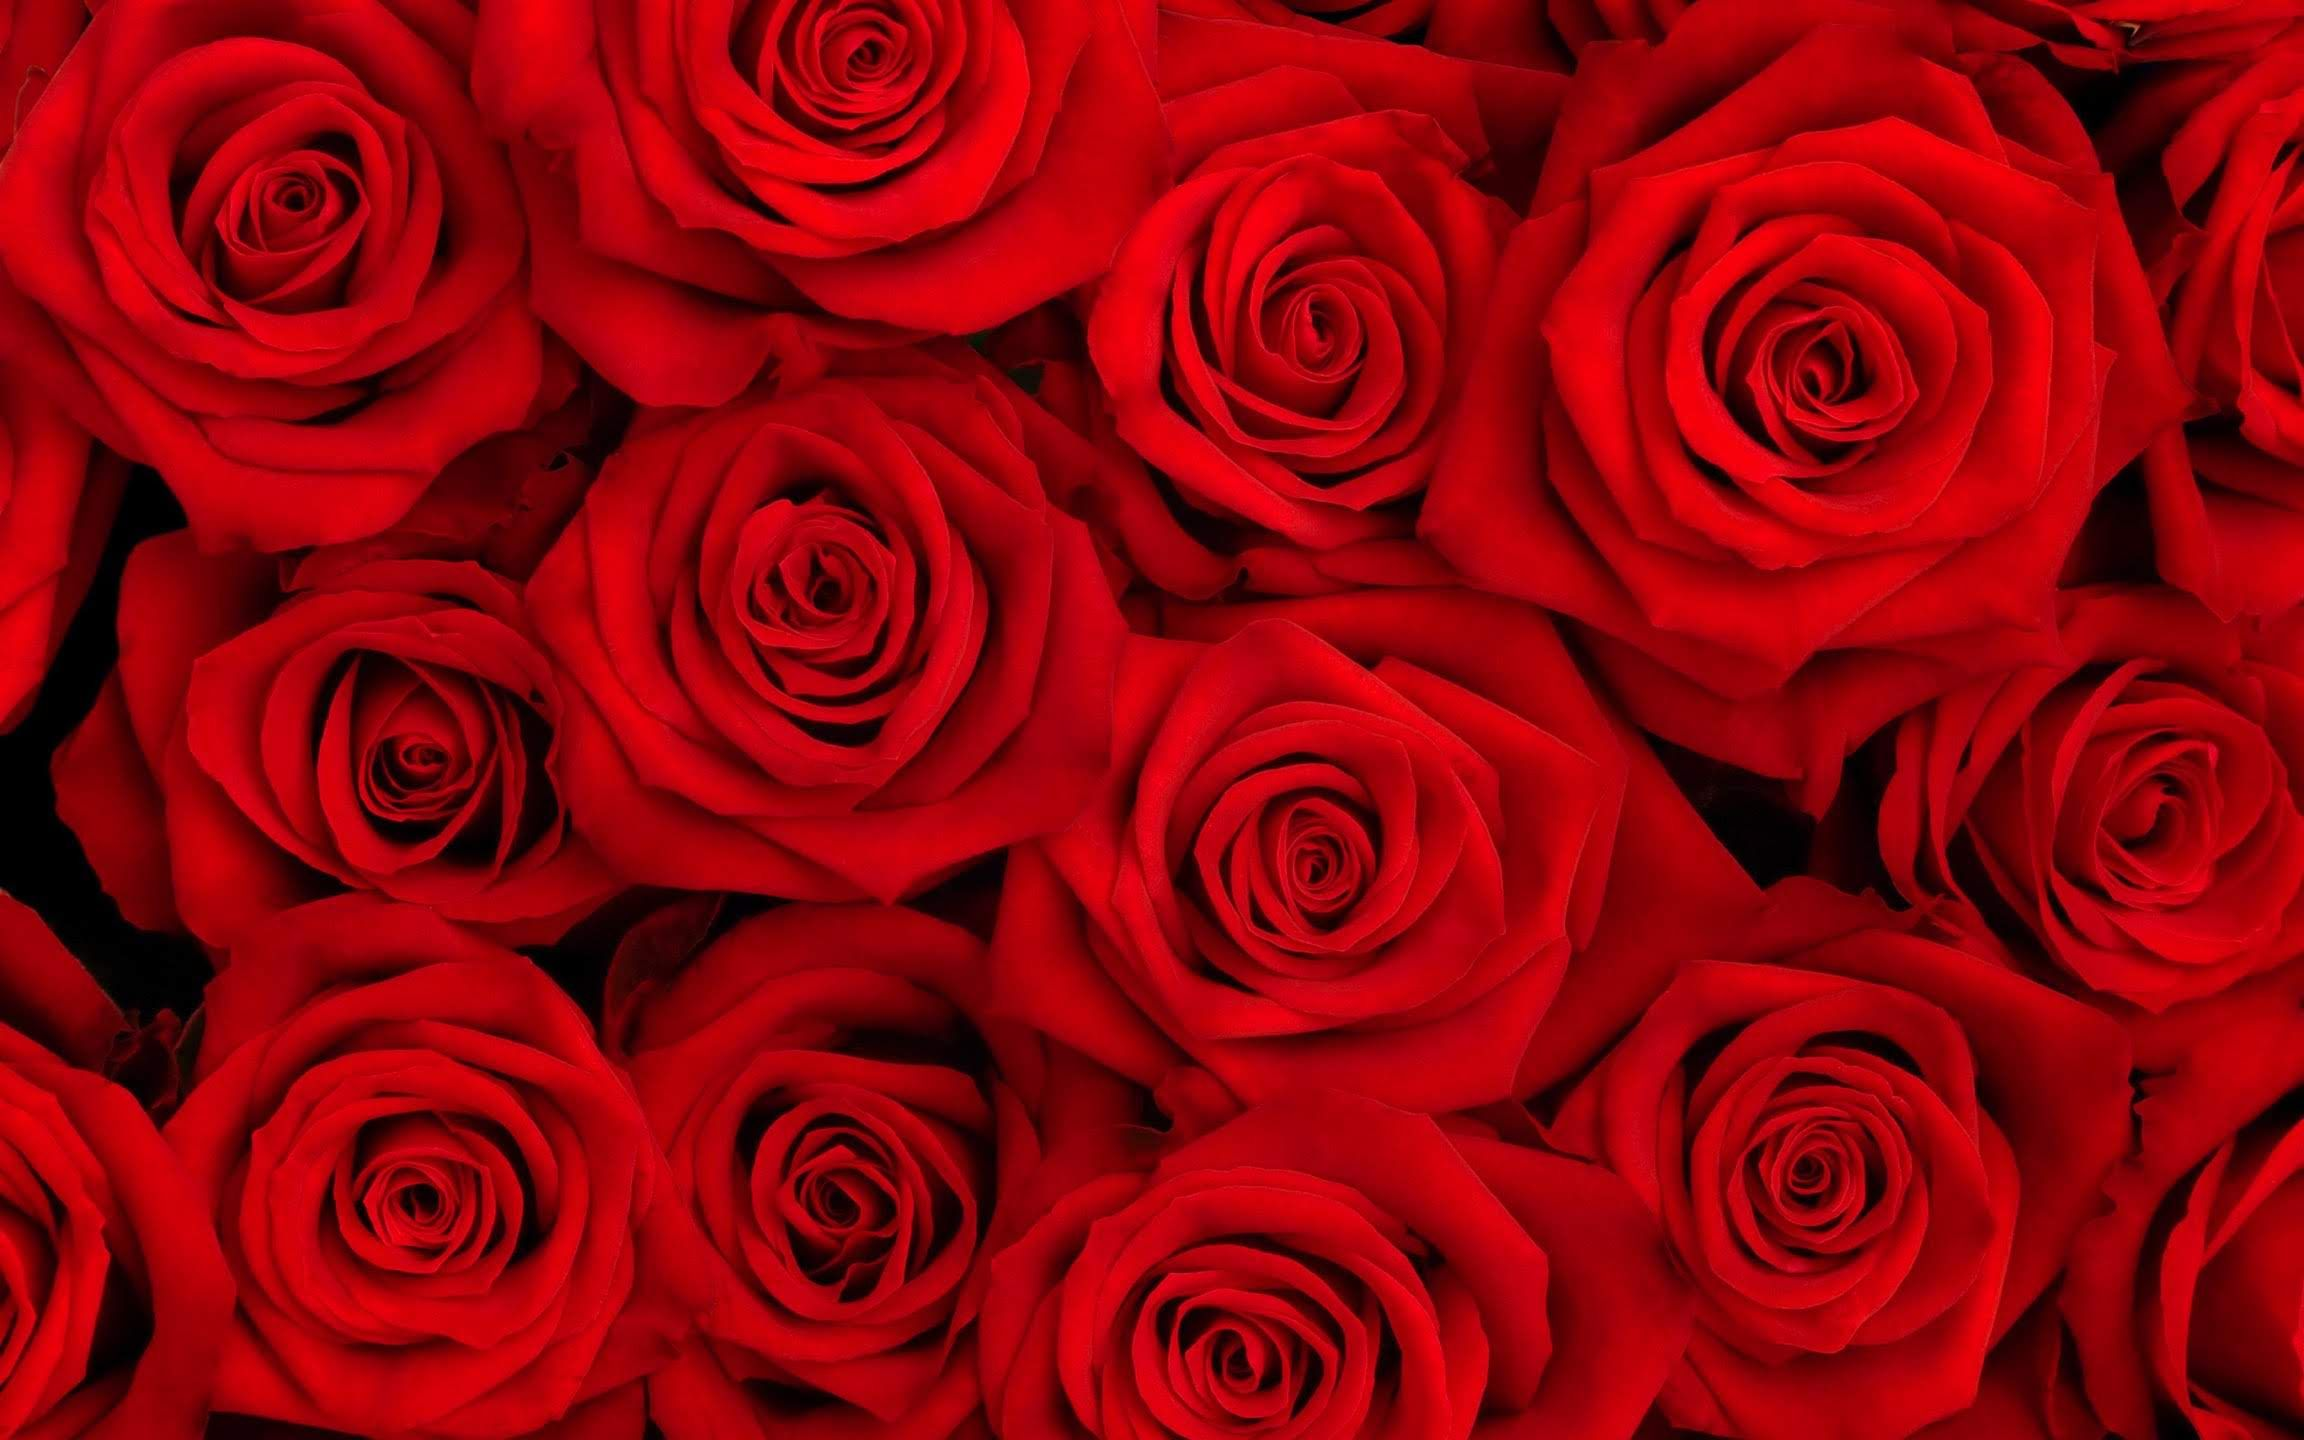 Lit De Roses Voyage Onirique Fond D Ecran Fleur Rose Photo De Fleur Rose Fond D Ecran Telephone